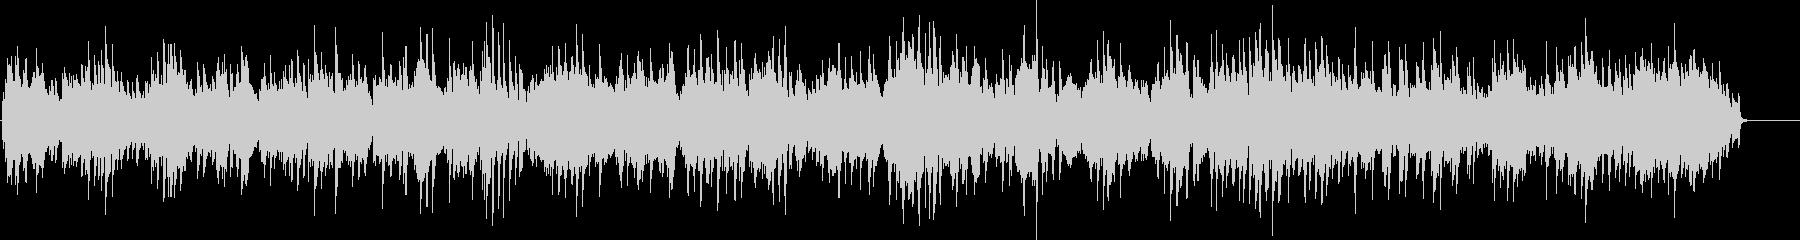 揺れる心(ピアノソロ・不安・期待)の未再生の波形